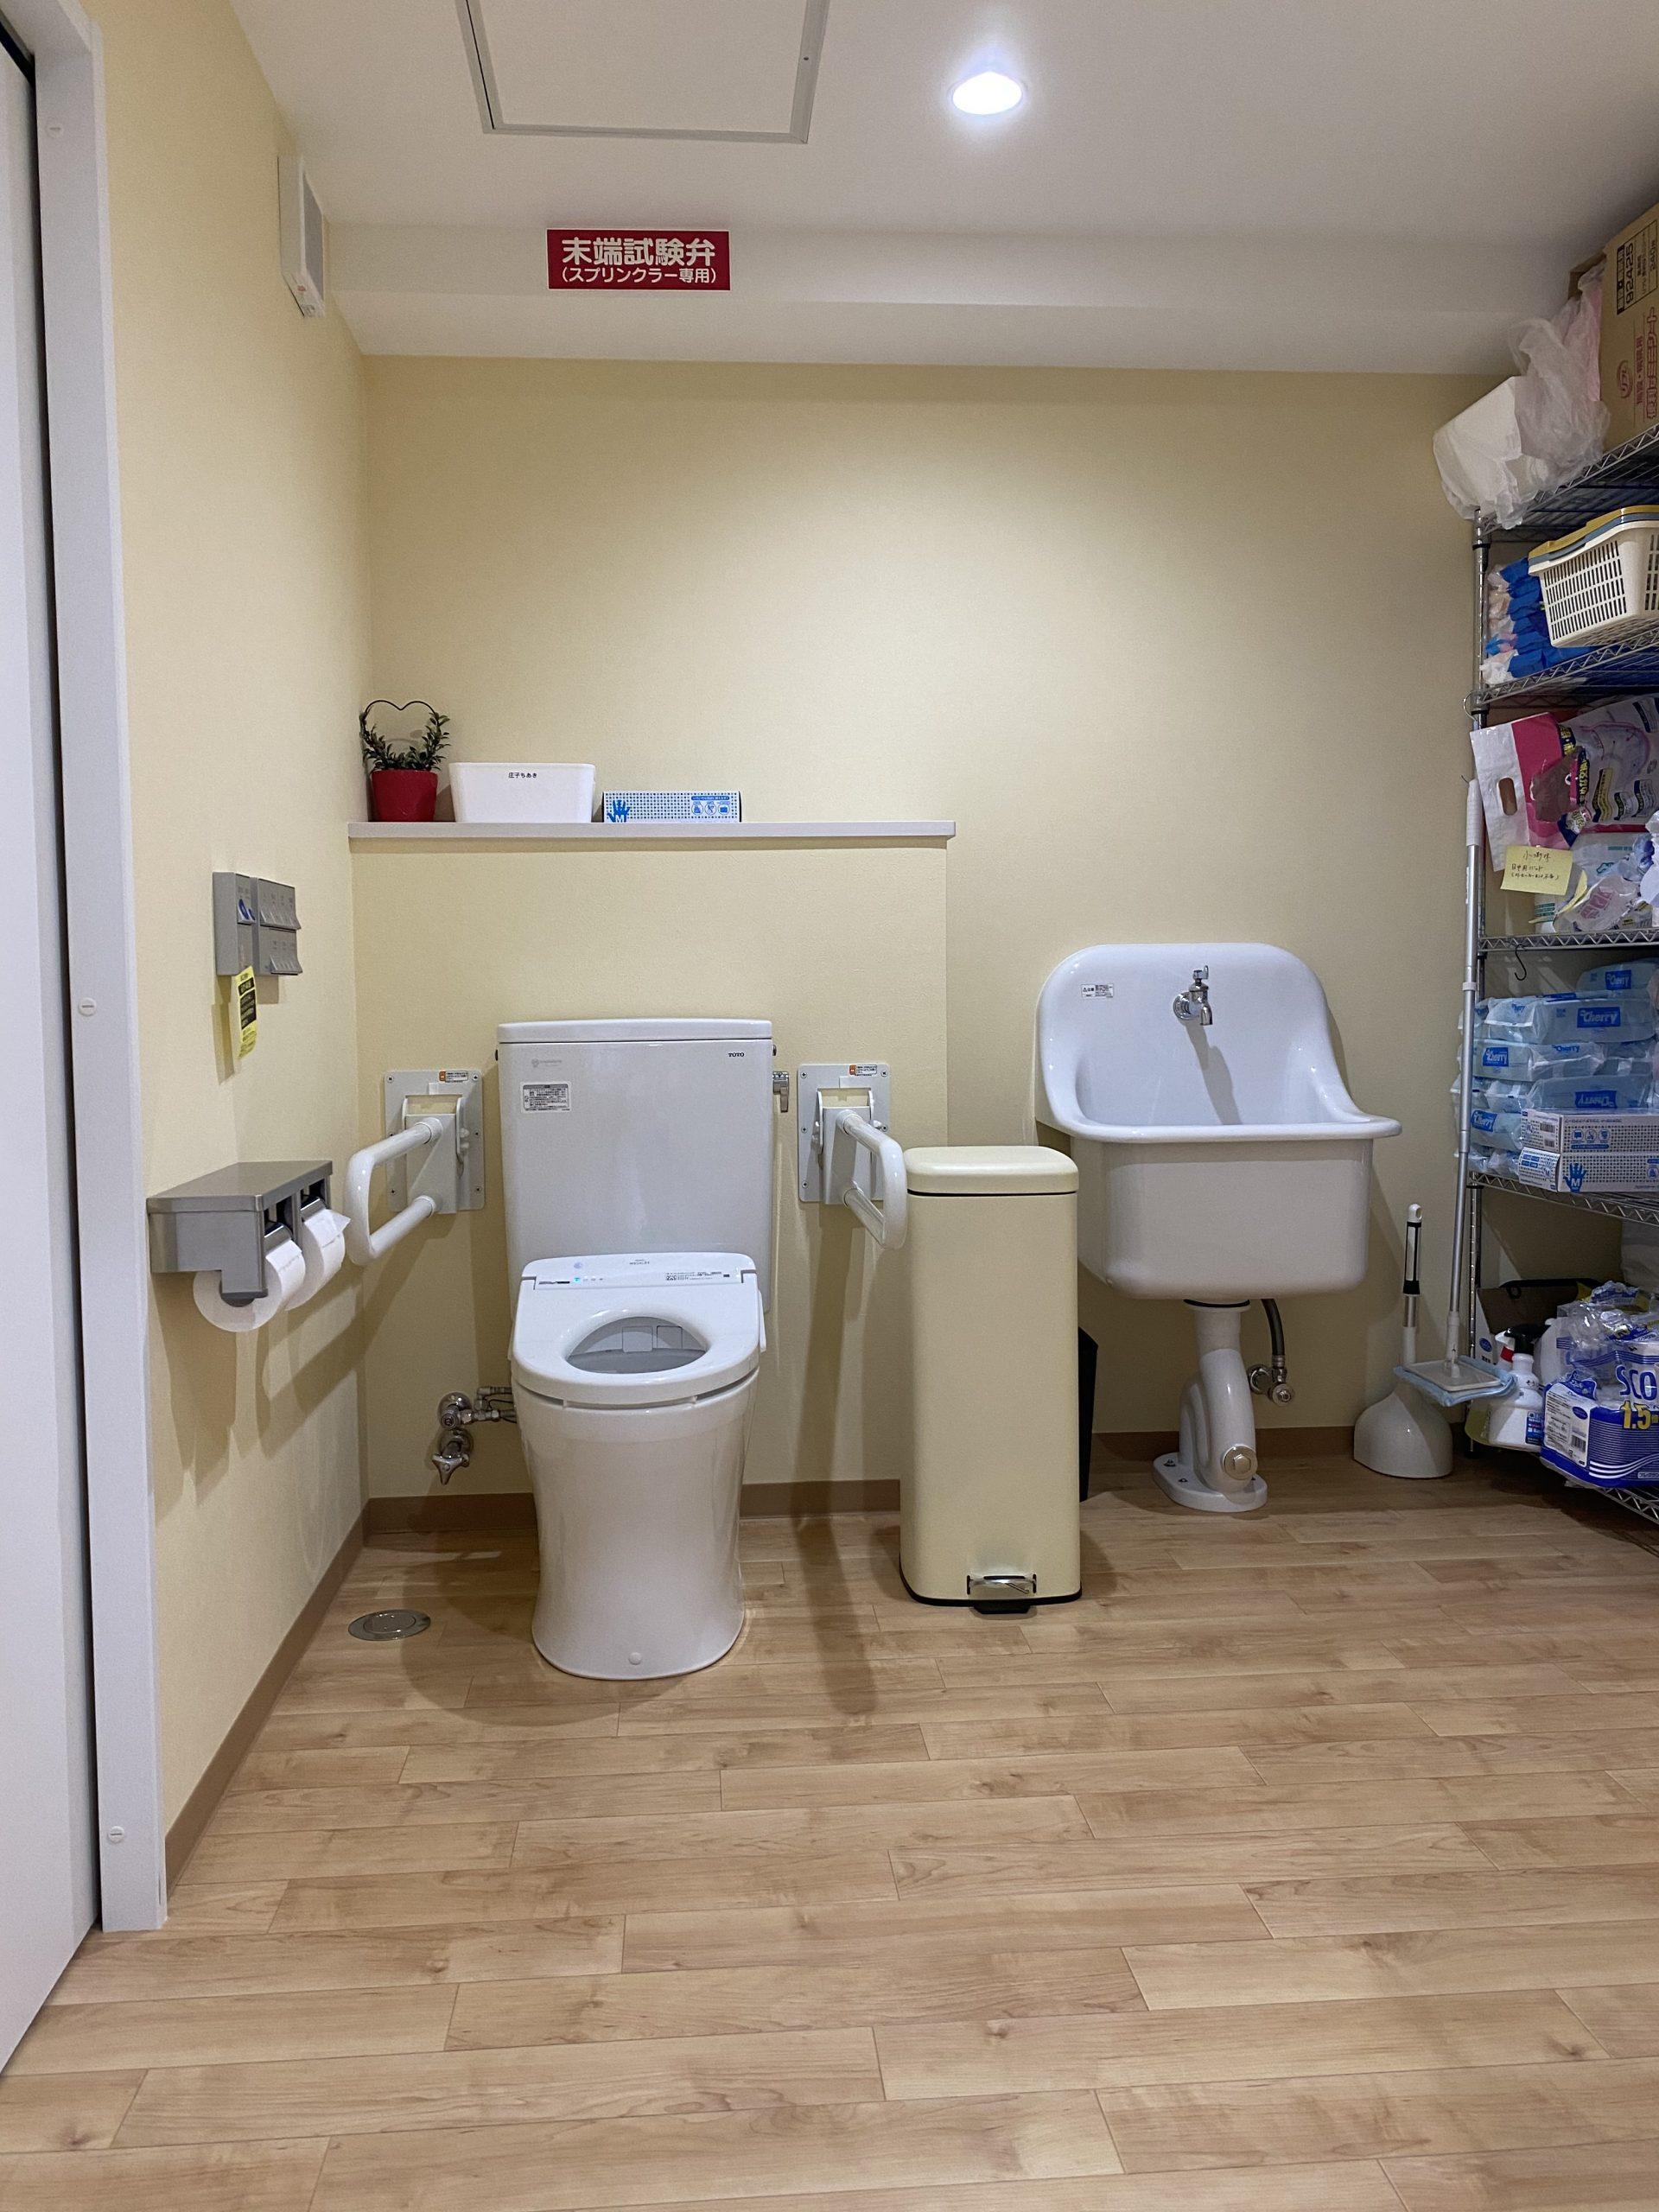 トイレでの排泄介助や見守り、ベッド上でのオムツ交換の対応